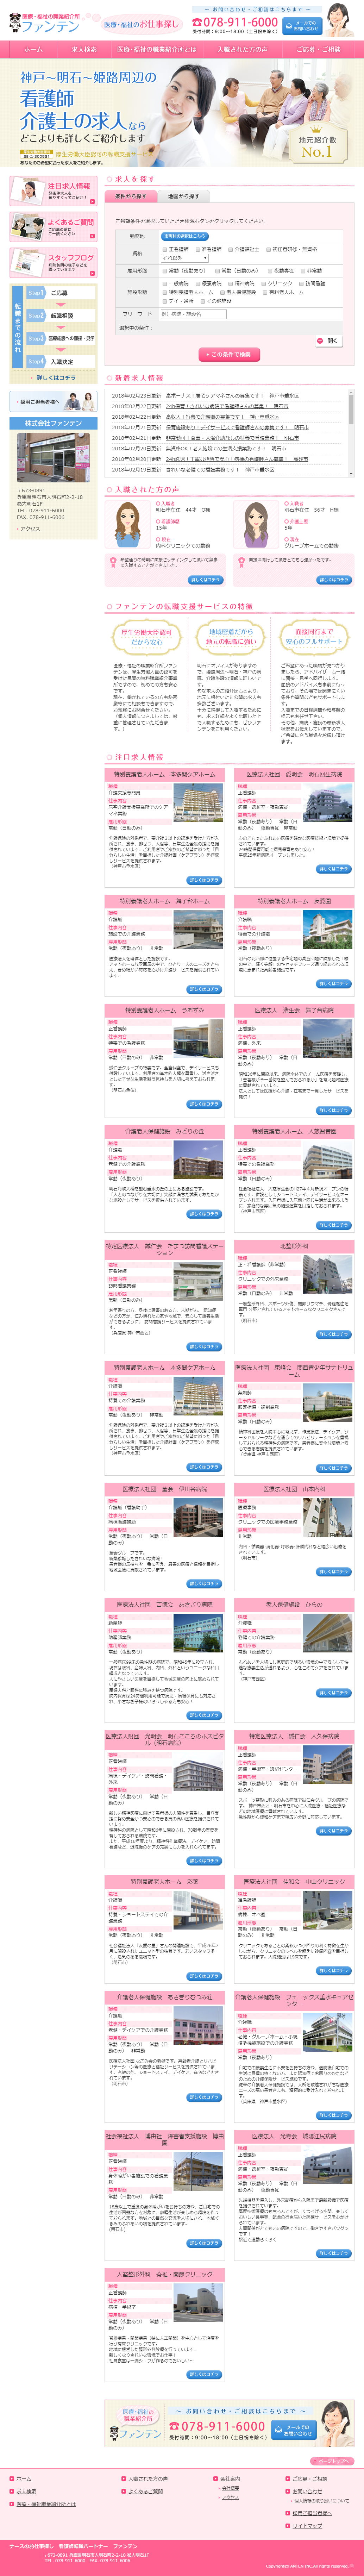 明石市 株式会社ファンテン様 ホームページ制作1